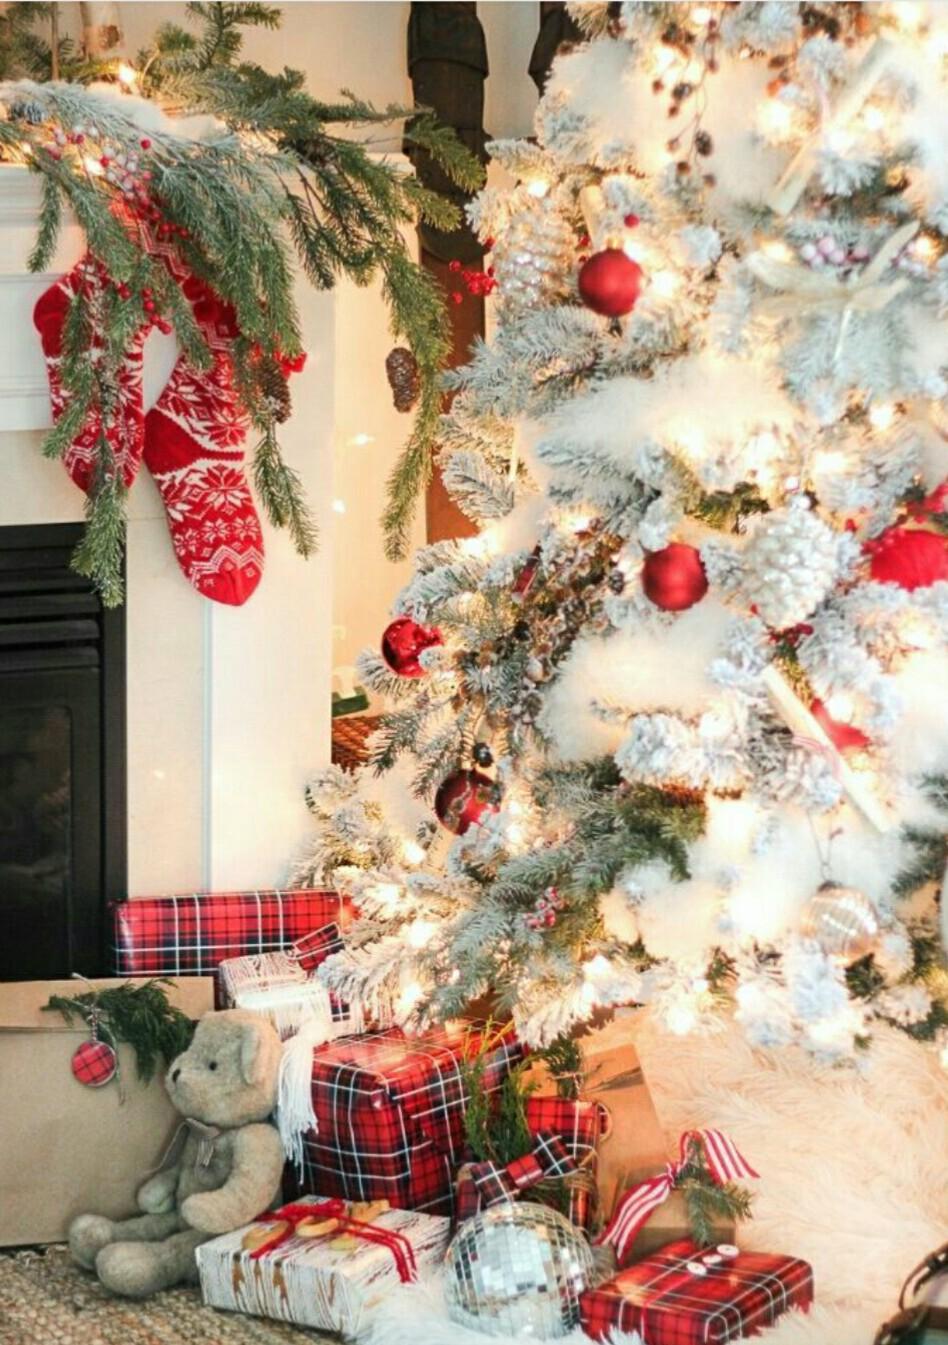 Joyeux Noël et bonnes fêtes à toutes et tous Le pétanque club de Cours-la-ville